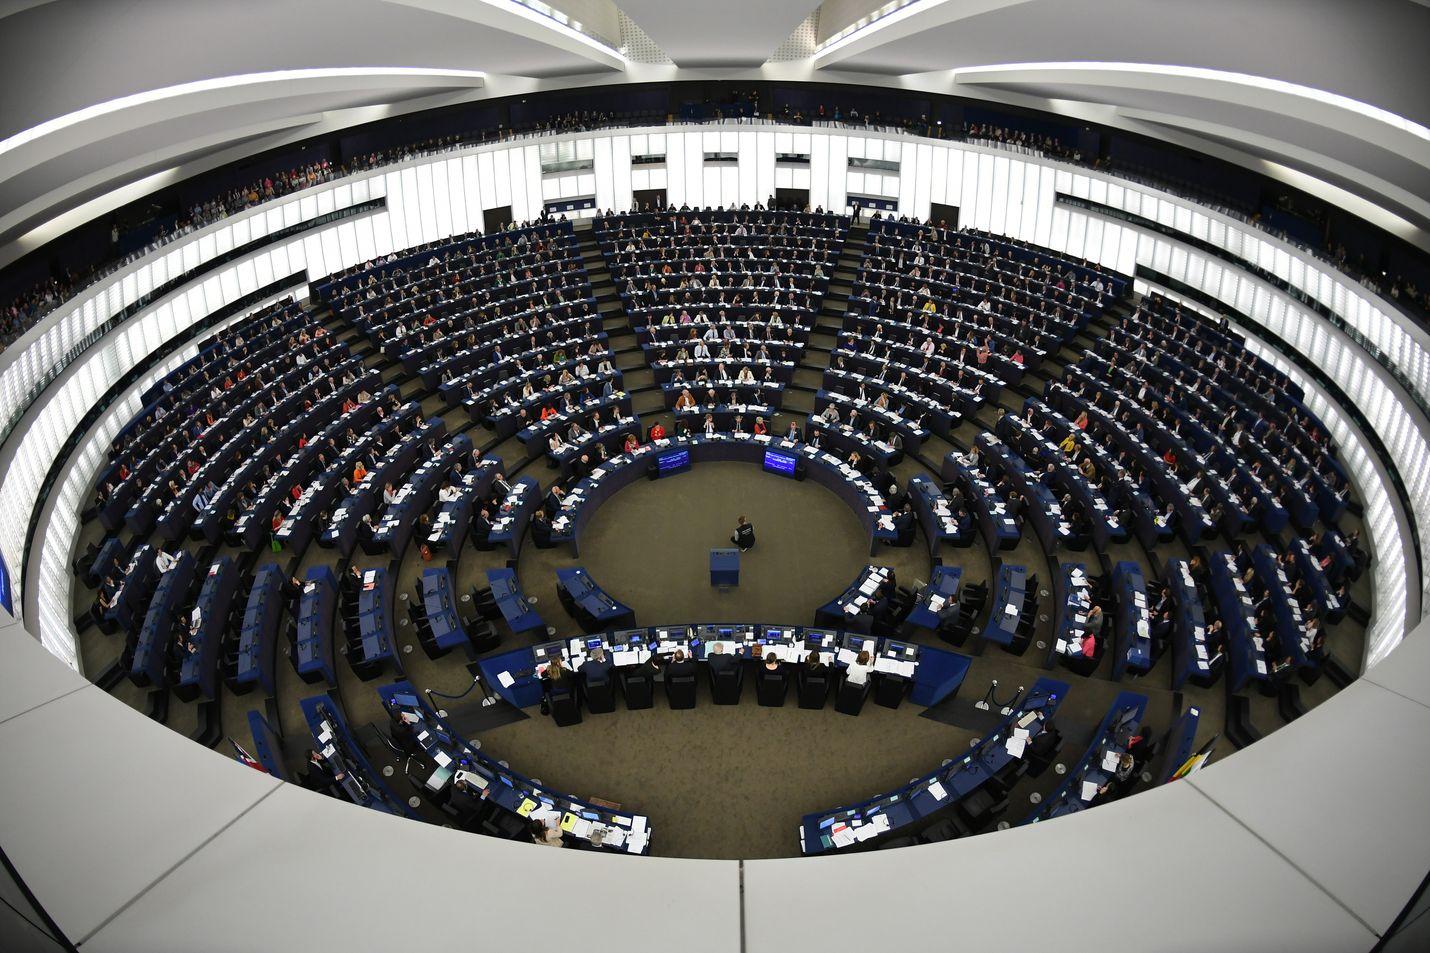 Euroopan parlamentissa on 751 meppiä, jotka säätävät kaikkia jäsenmaita koskevia lakeja. Parlamentti kokoontuu Brysselissä ja Strasbourgissa (kuvassa).